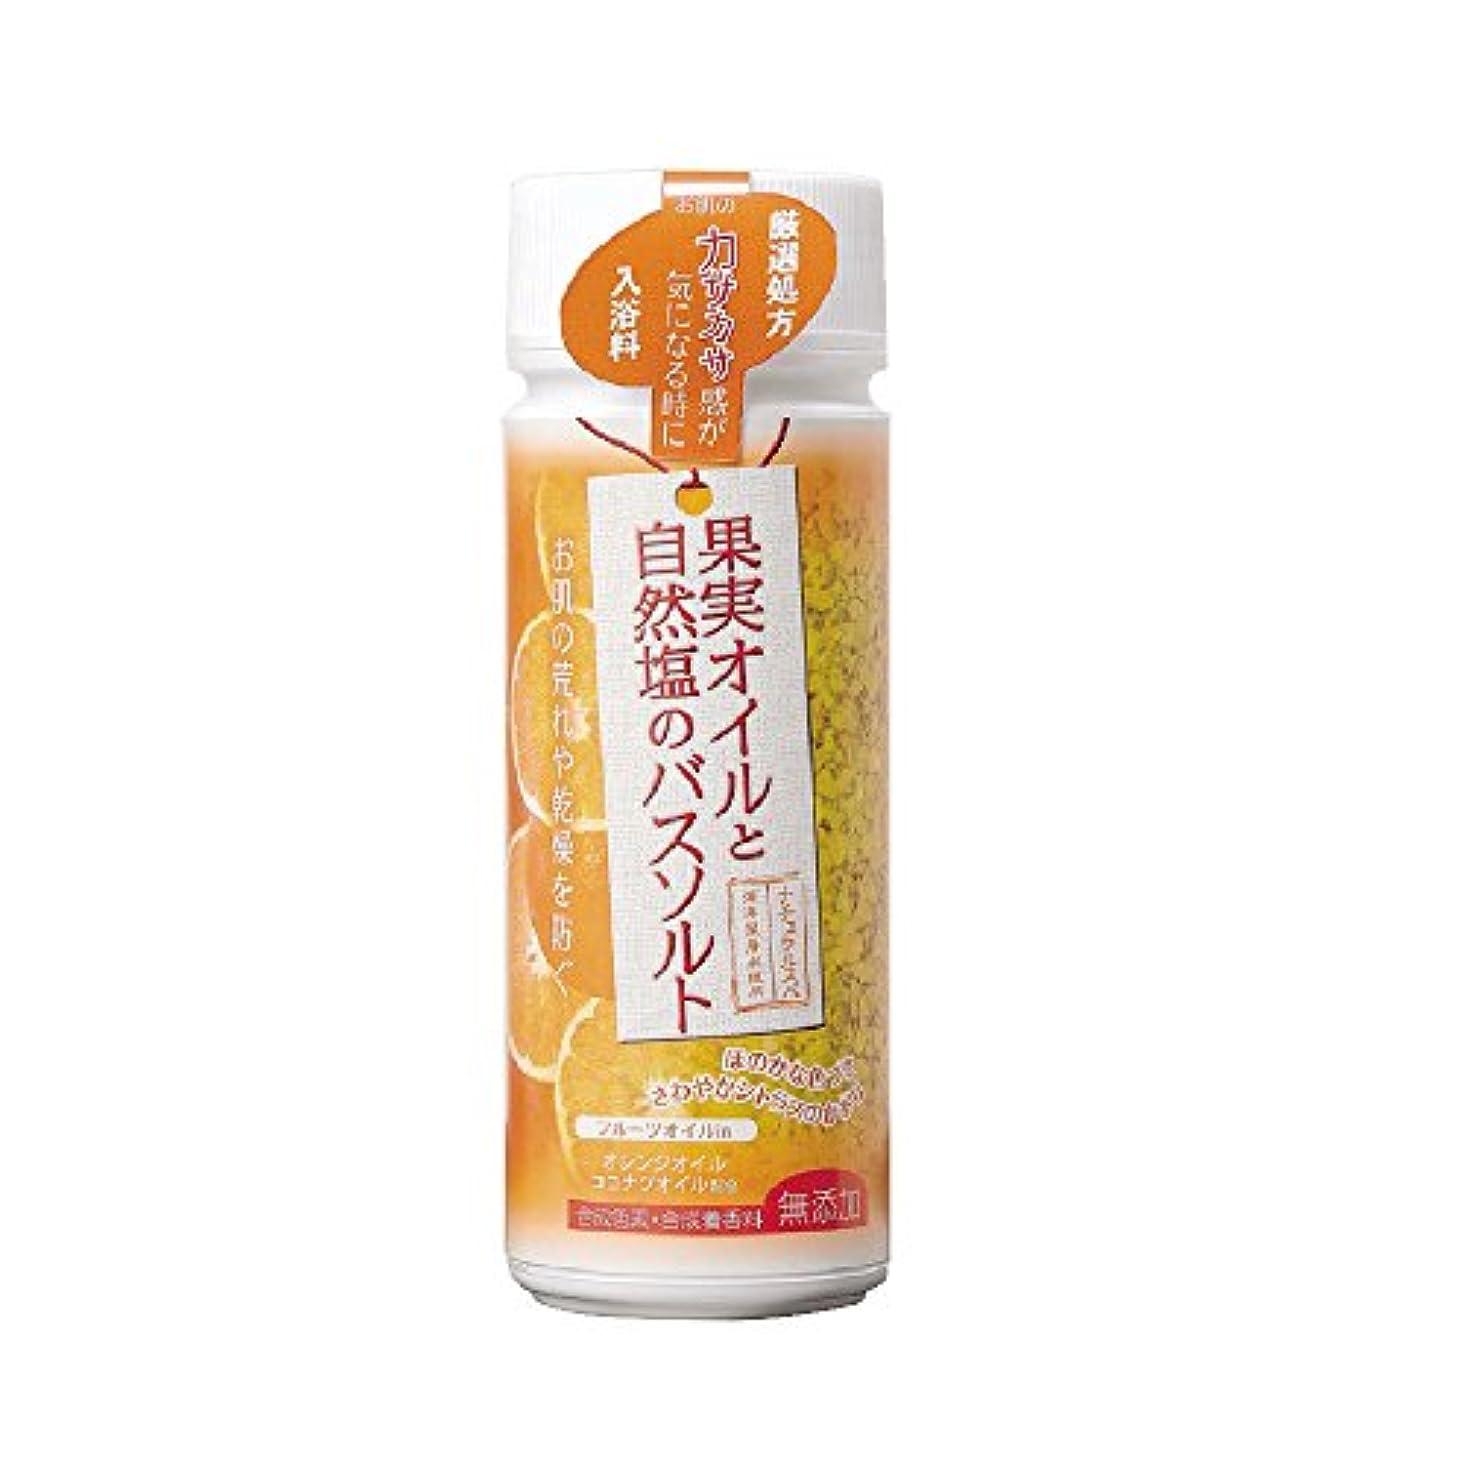 バラエティ吸い込むチューインガム五洲薬品 ナチュラルスパ 果実オイルボトル 630g